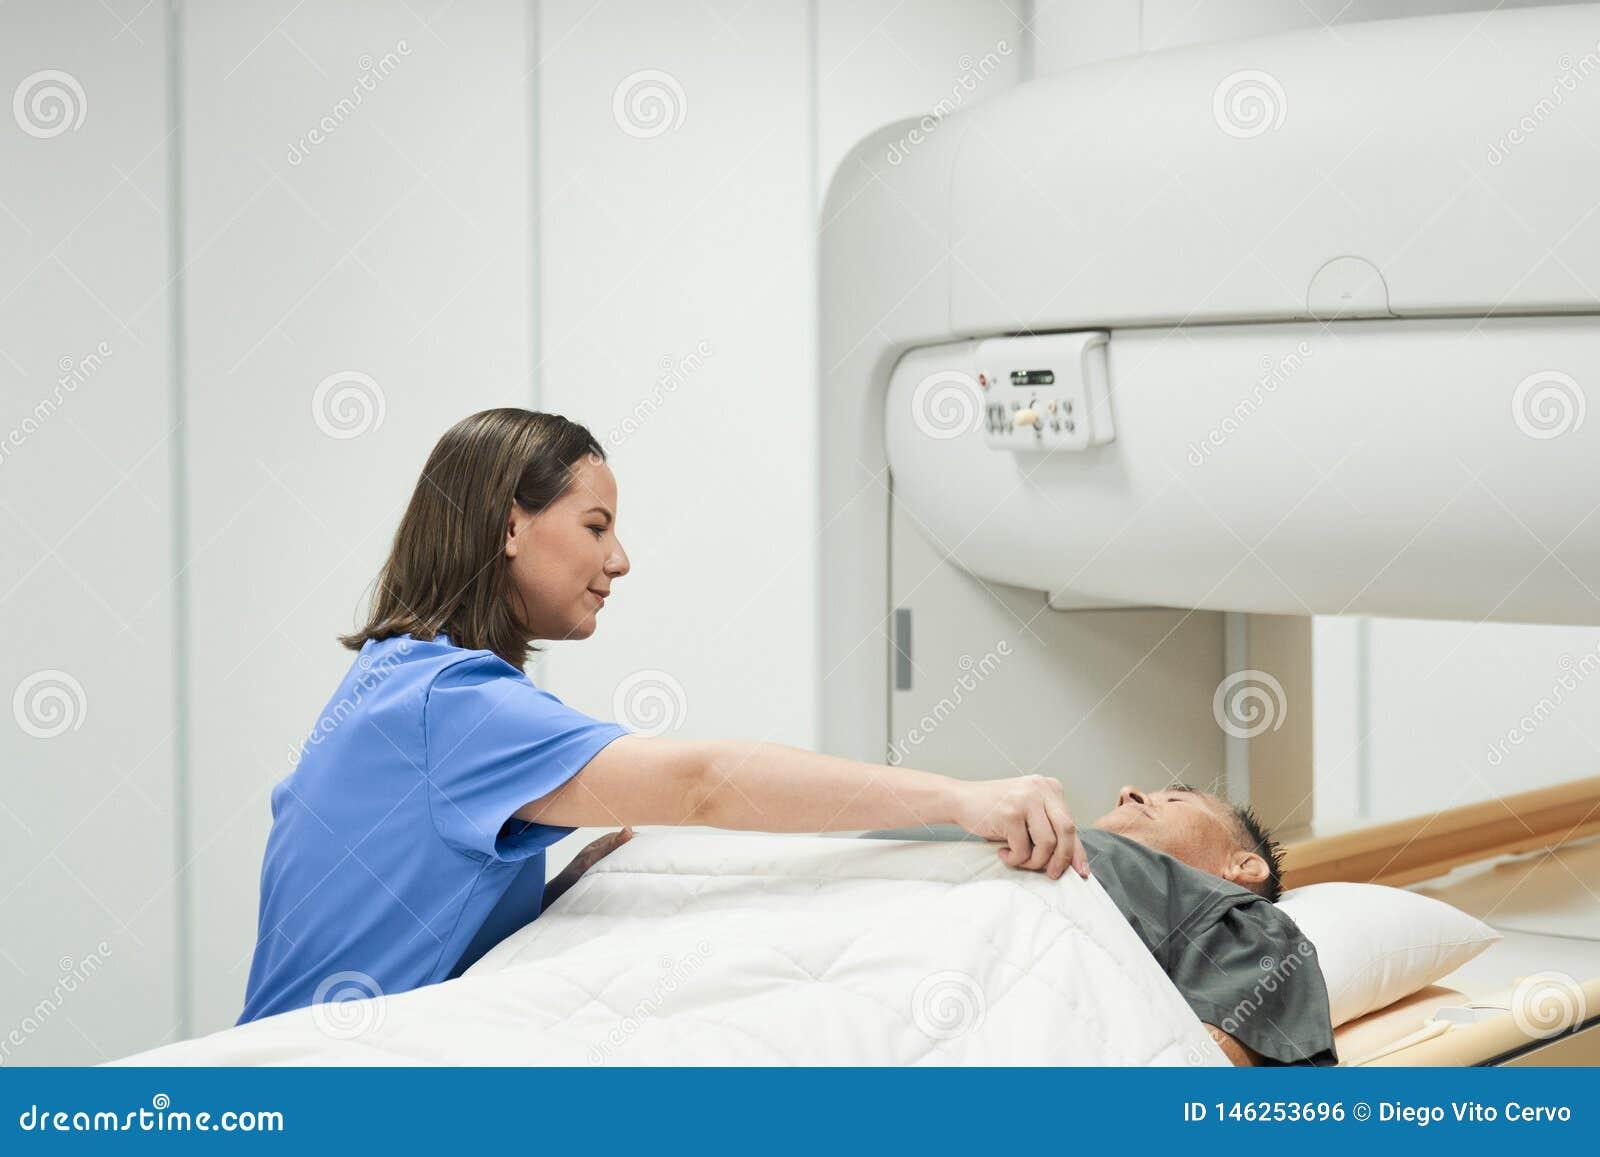 Algemeen medisch onderzoek met het Magnetic resonance imagingsmachine van Mri in Kliniek